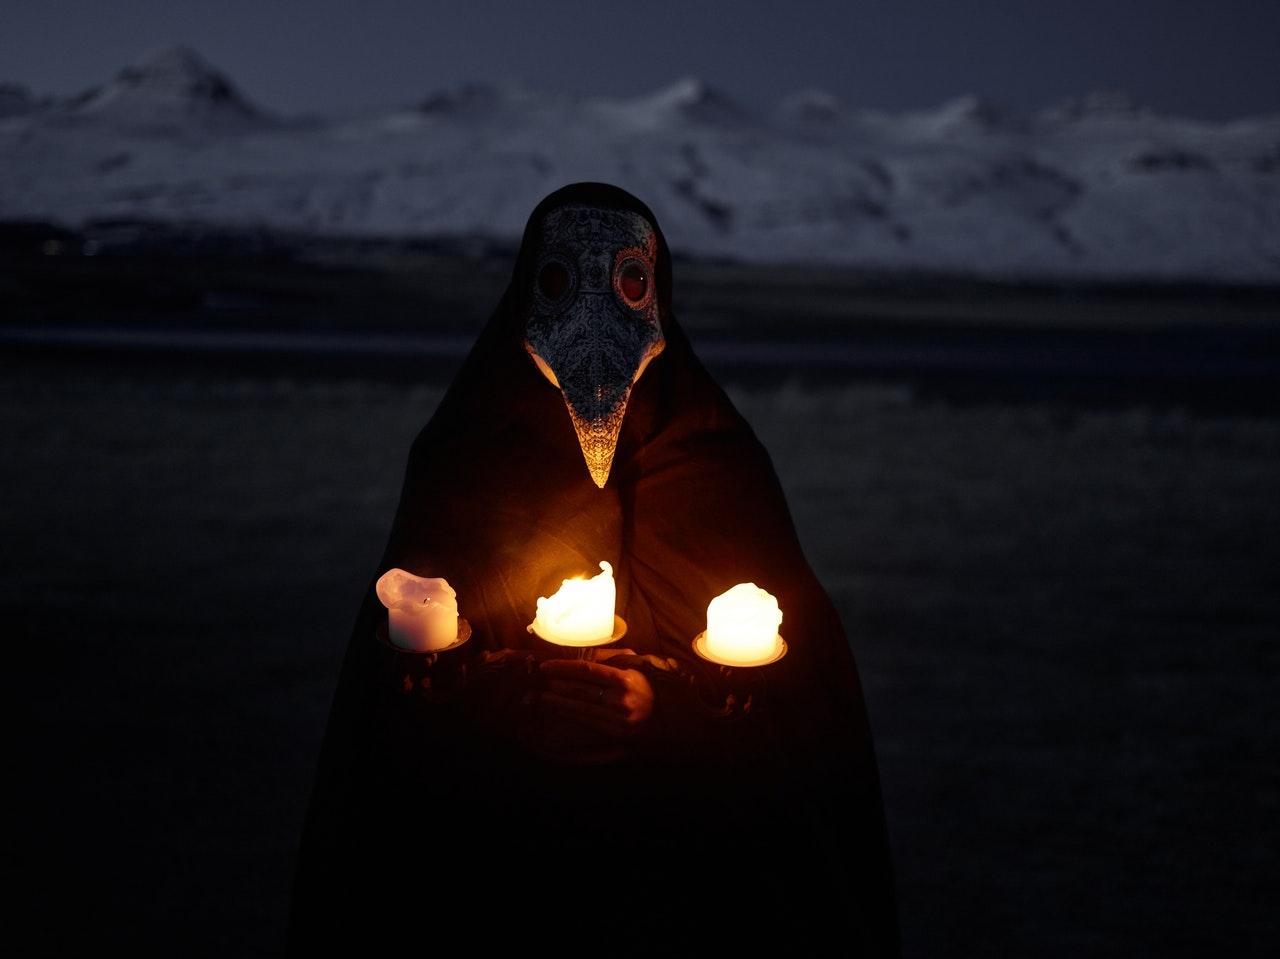 Un homme vêtu d'un masque remontant à l'âge d'or de la peste